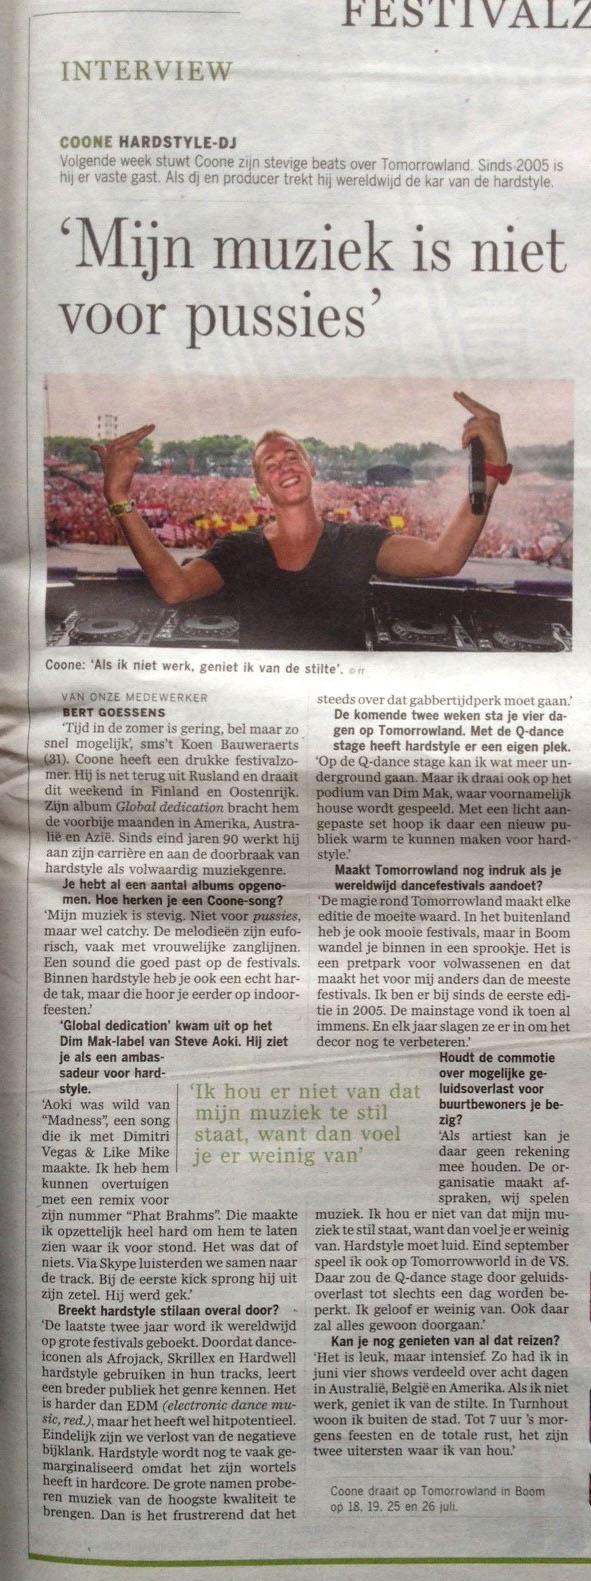 Coone De Standaard 12 juli 2014 2